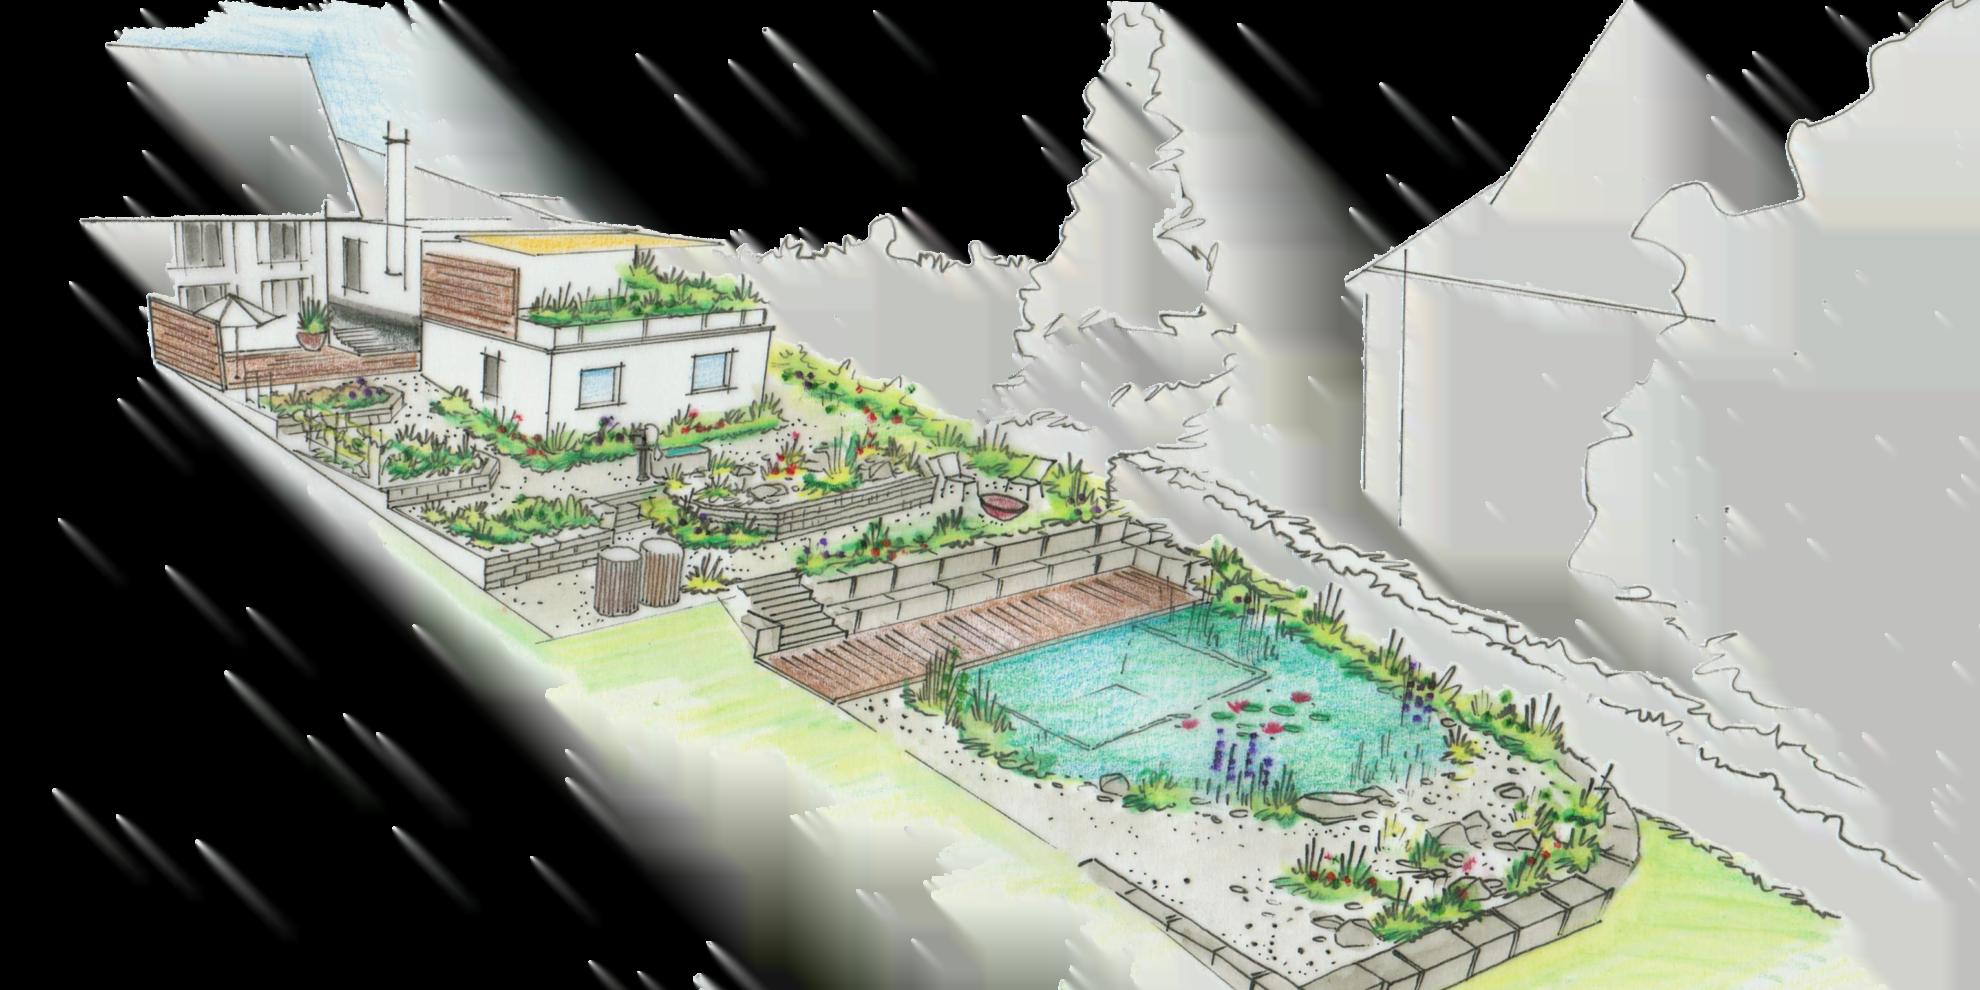 Zehn gute Gründe für eine professionelle Gartenplanung